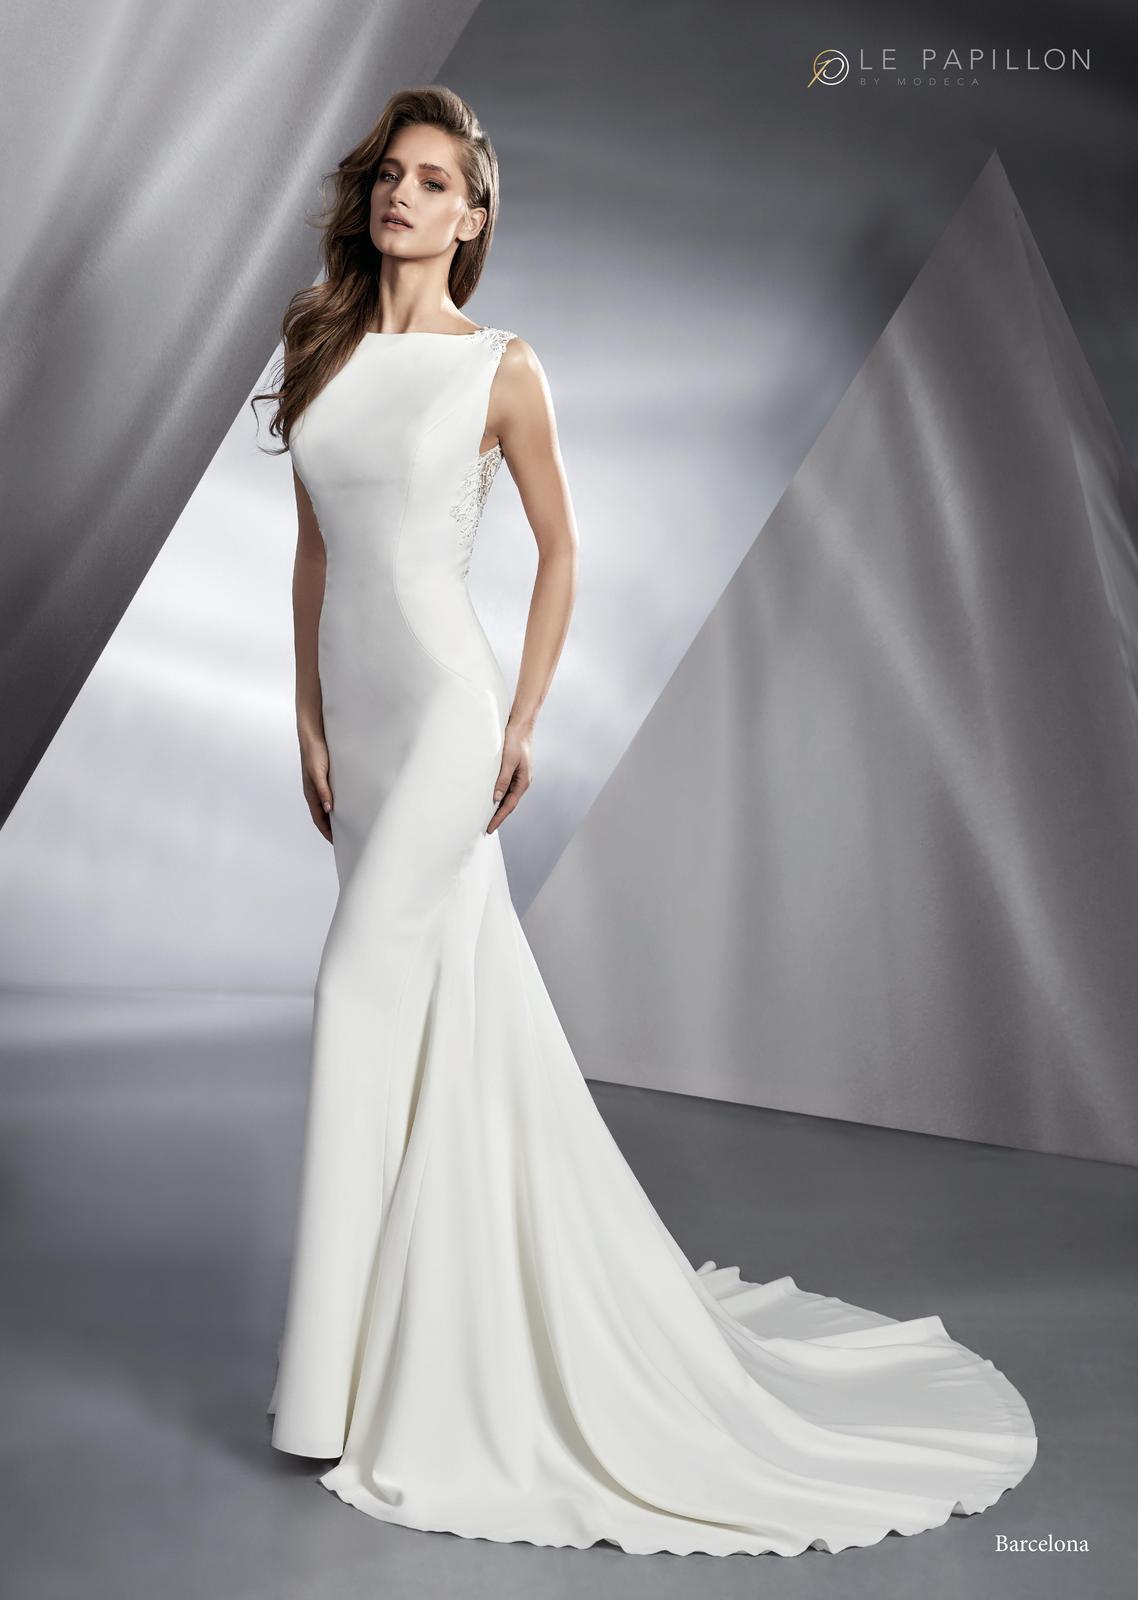 Svatební šaty podle Vašeho znamení zvěrokruhu? - Obrázek č. 7